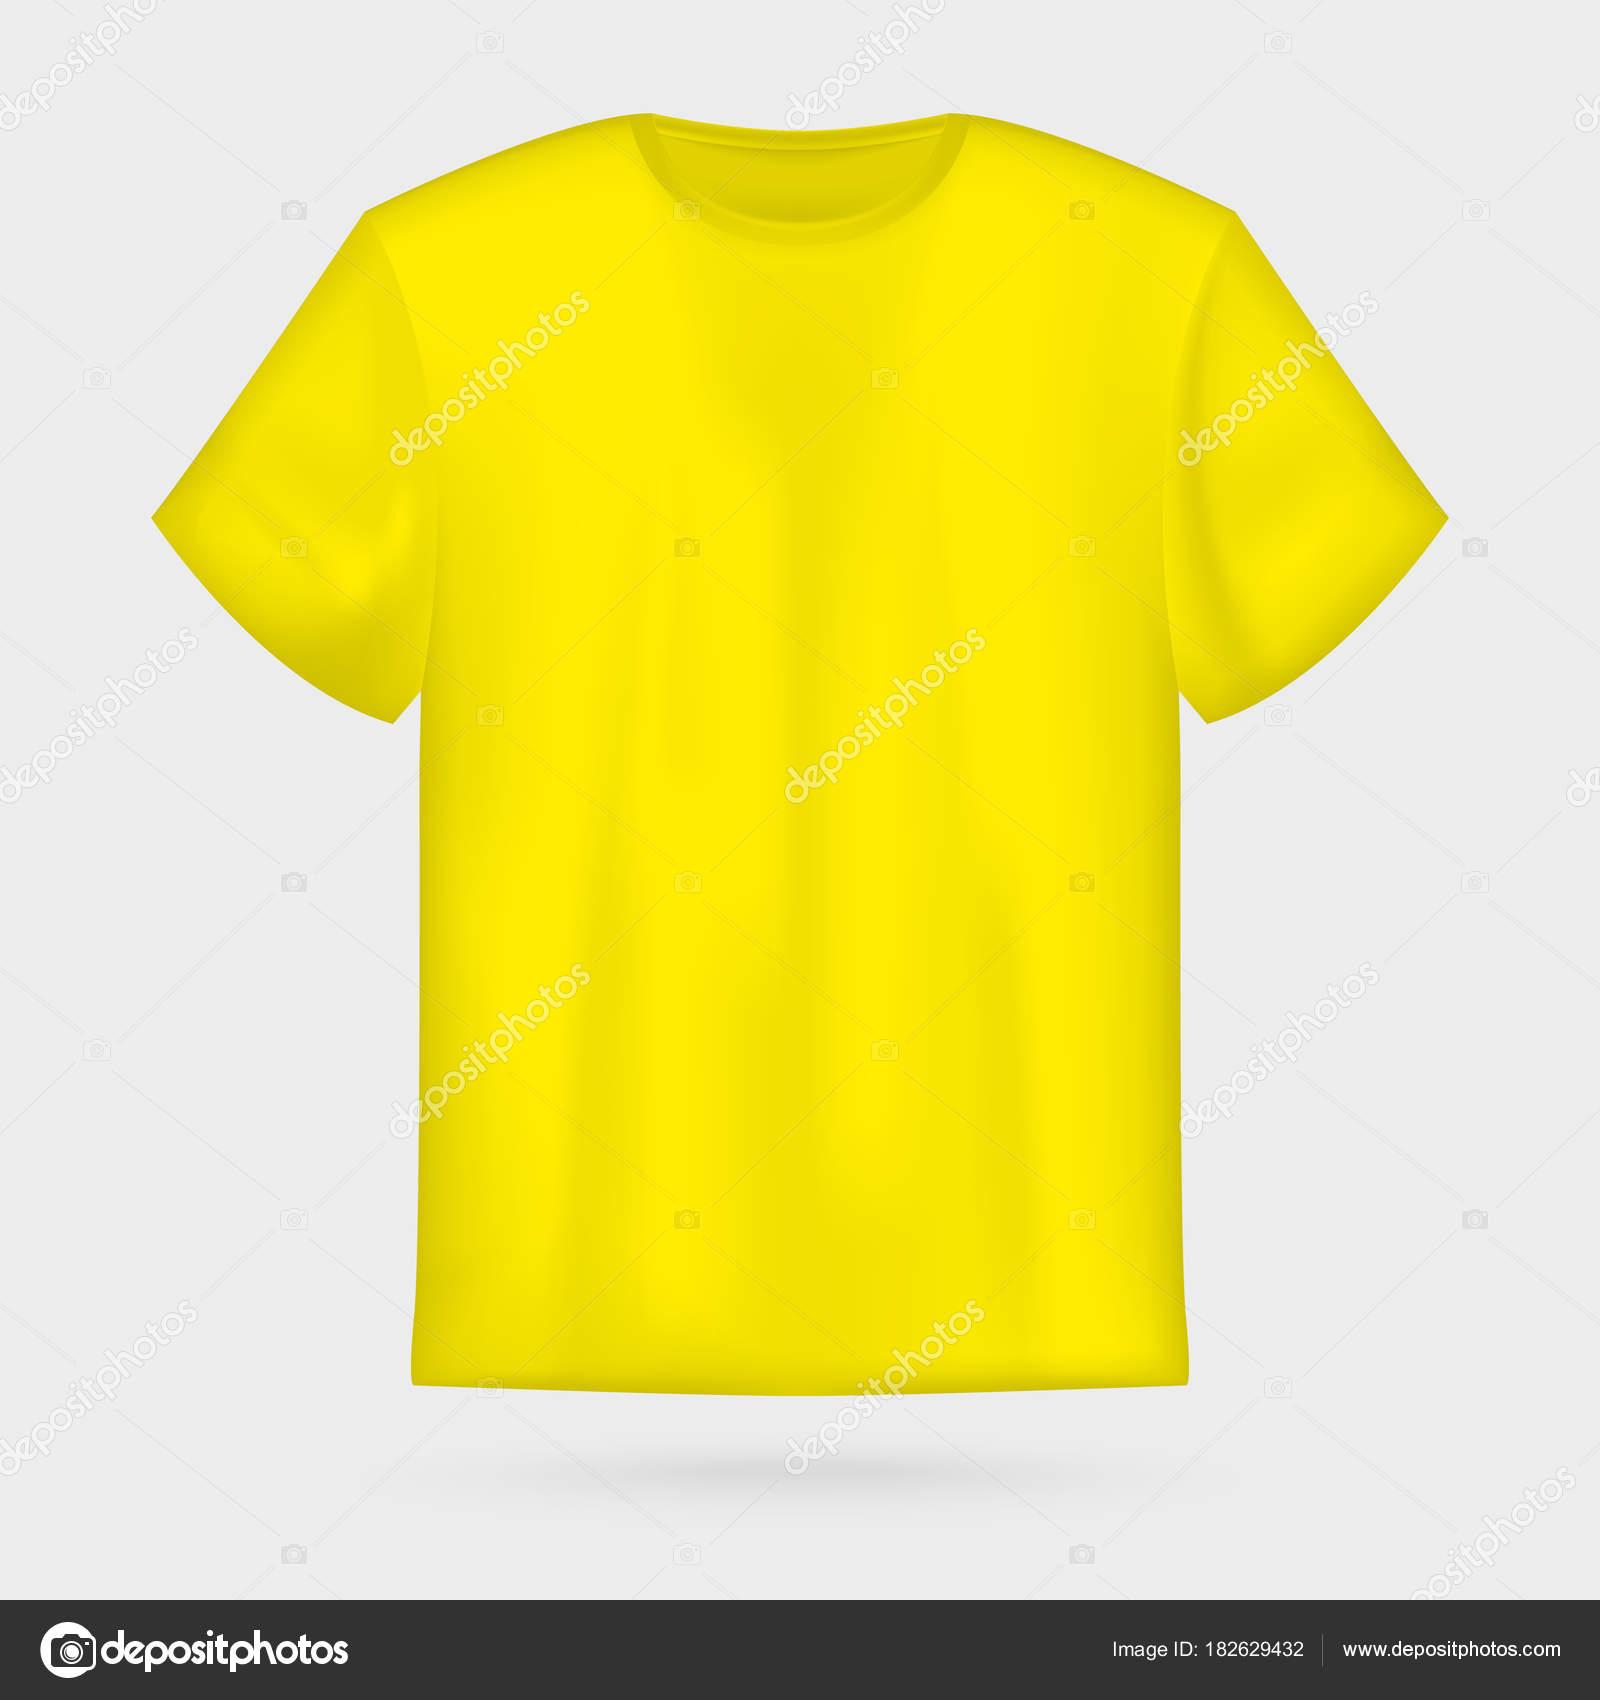 Yellow Vector Men S T Shirt Mockup Stock Vector C Boldg 182629432